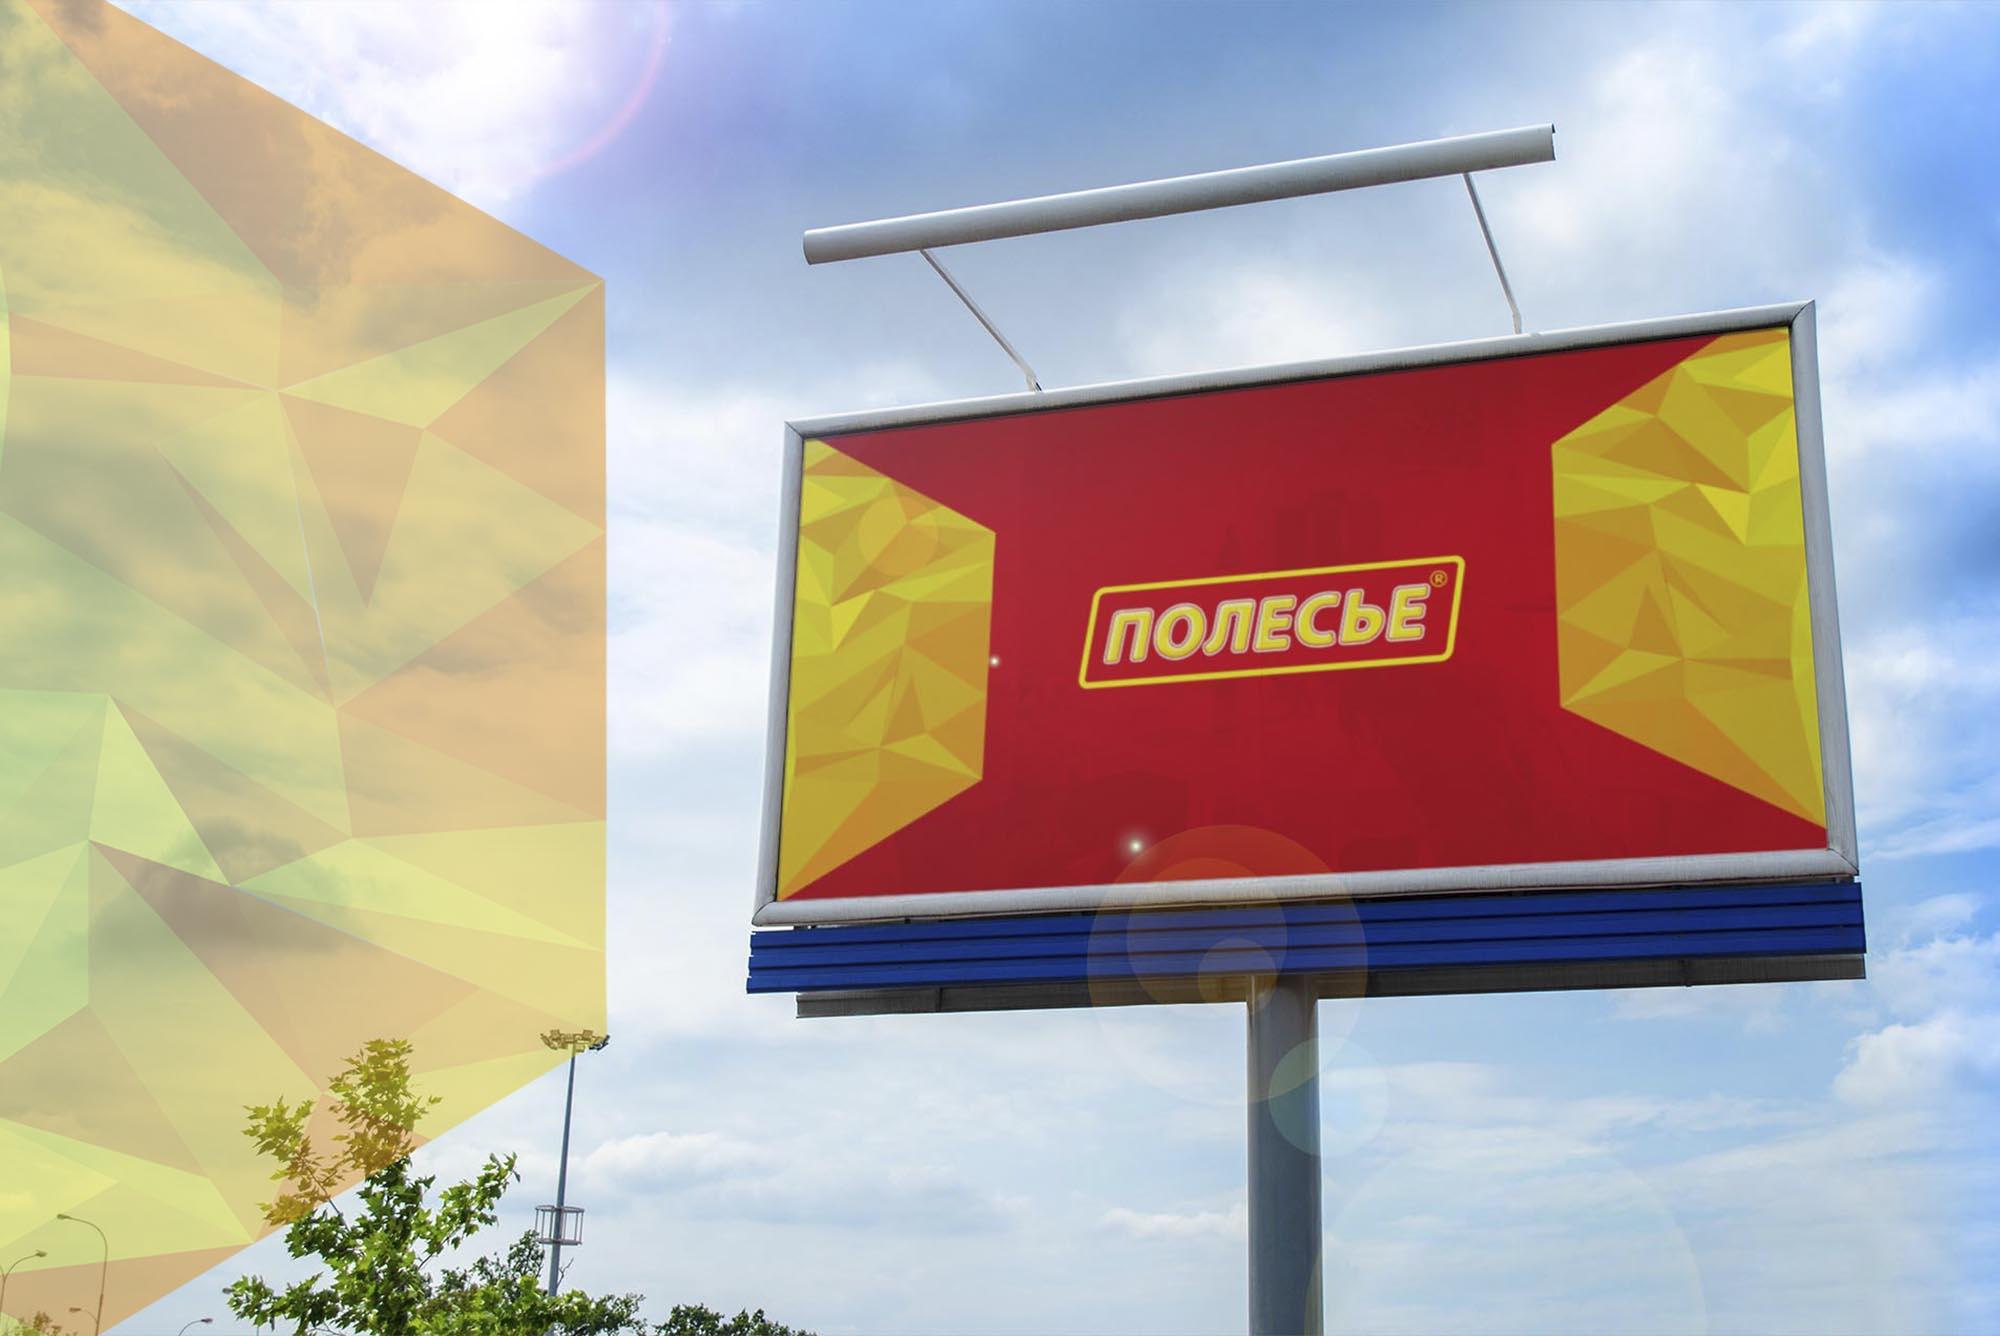 Разработка фирменного стиля на основании готового логотипа фото f_2475aa91e89eac5a.jpg